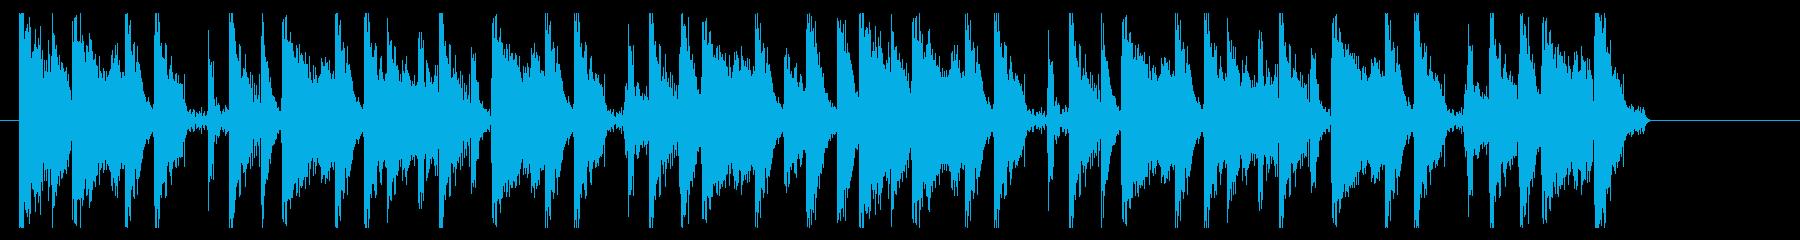 ヒップホップ調のオープニングの再生済みの波形